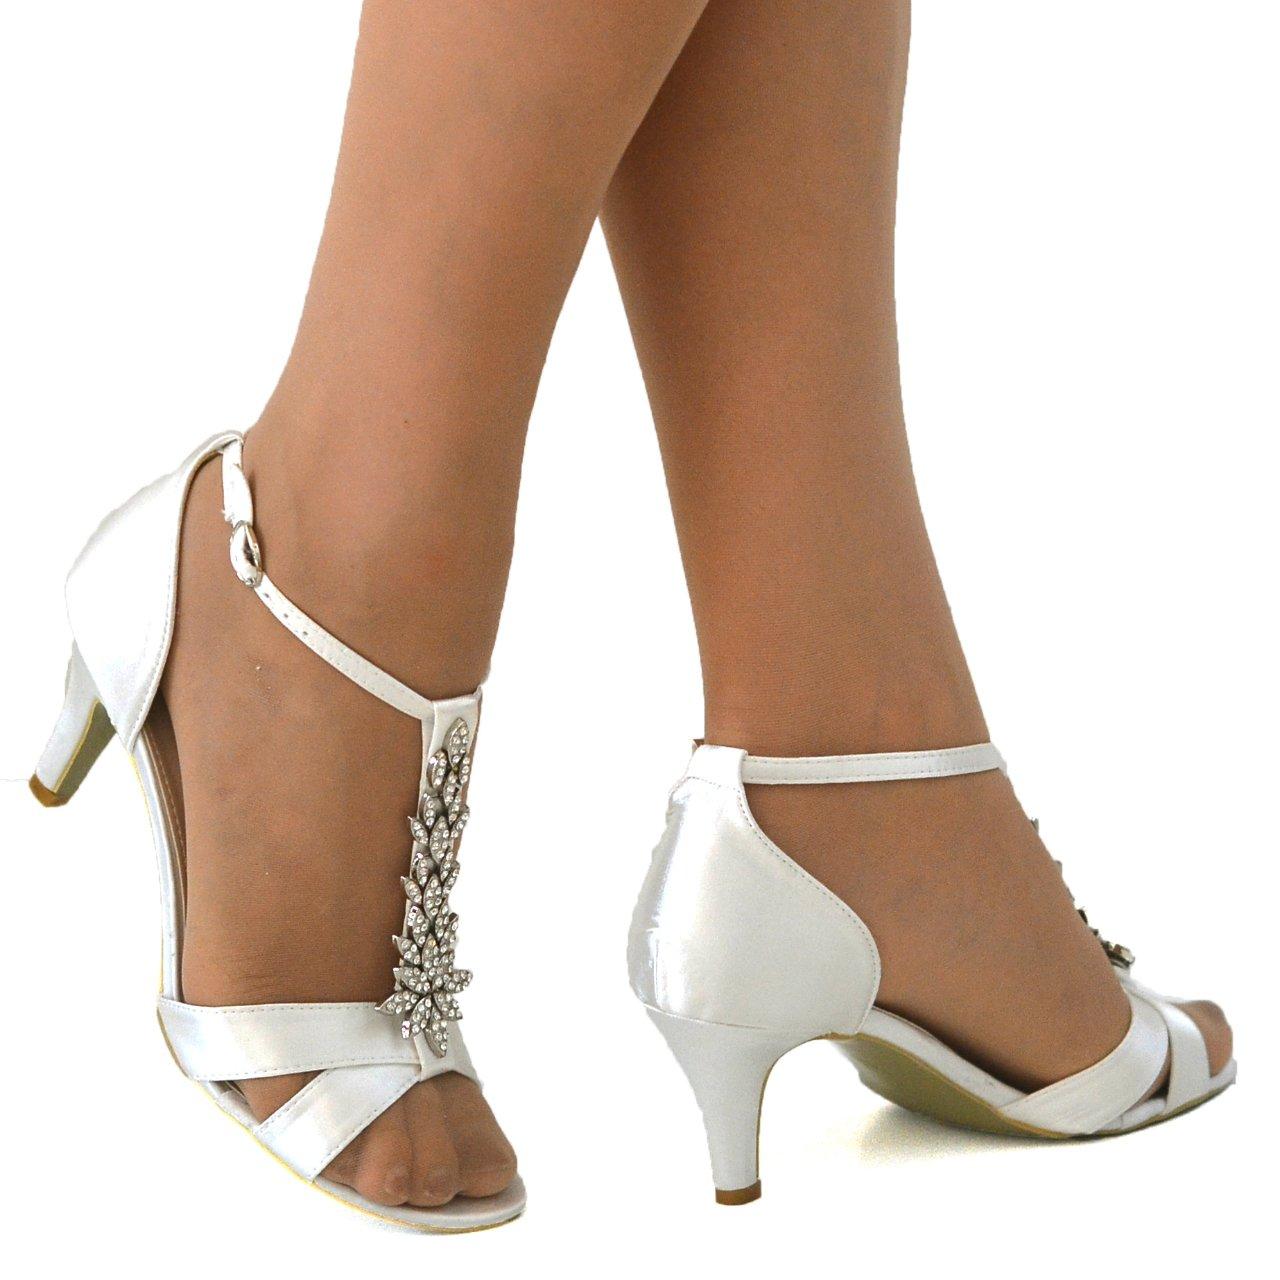 d2a558114d2d97 Absolutely Gorgeous Boutique Ladies Satin Wedding Bridal Evening Party  Diamante Mid Heel T Bar Shoes Sandals